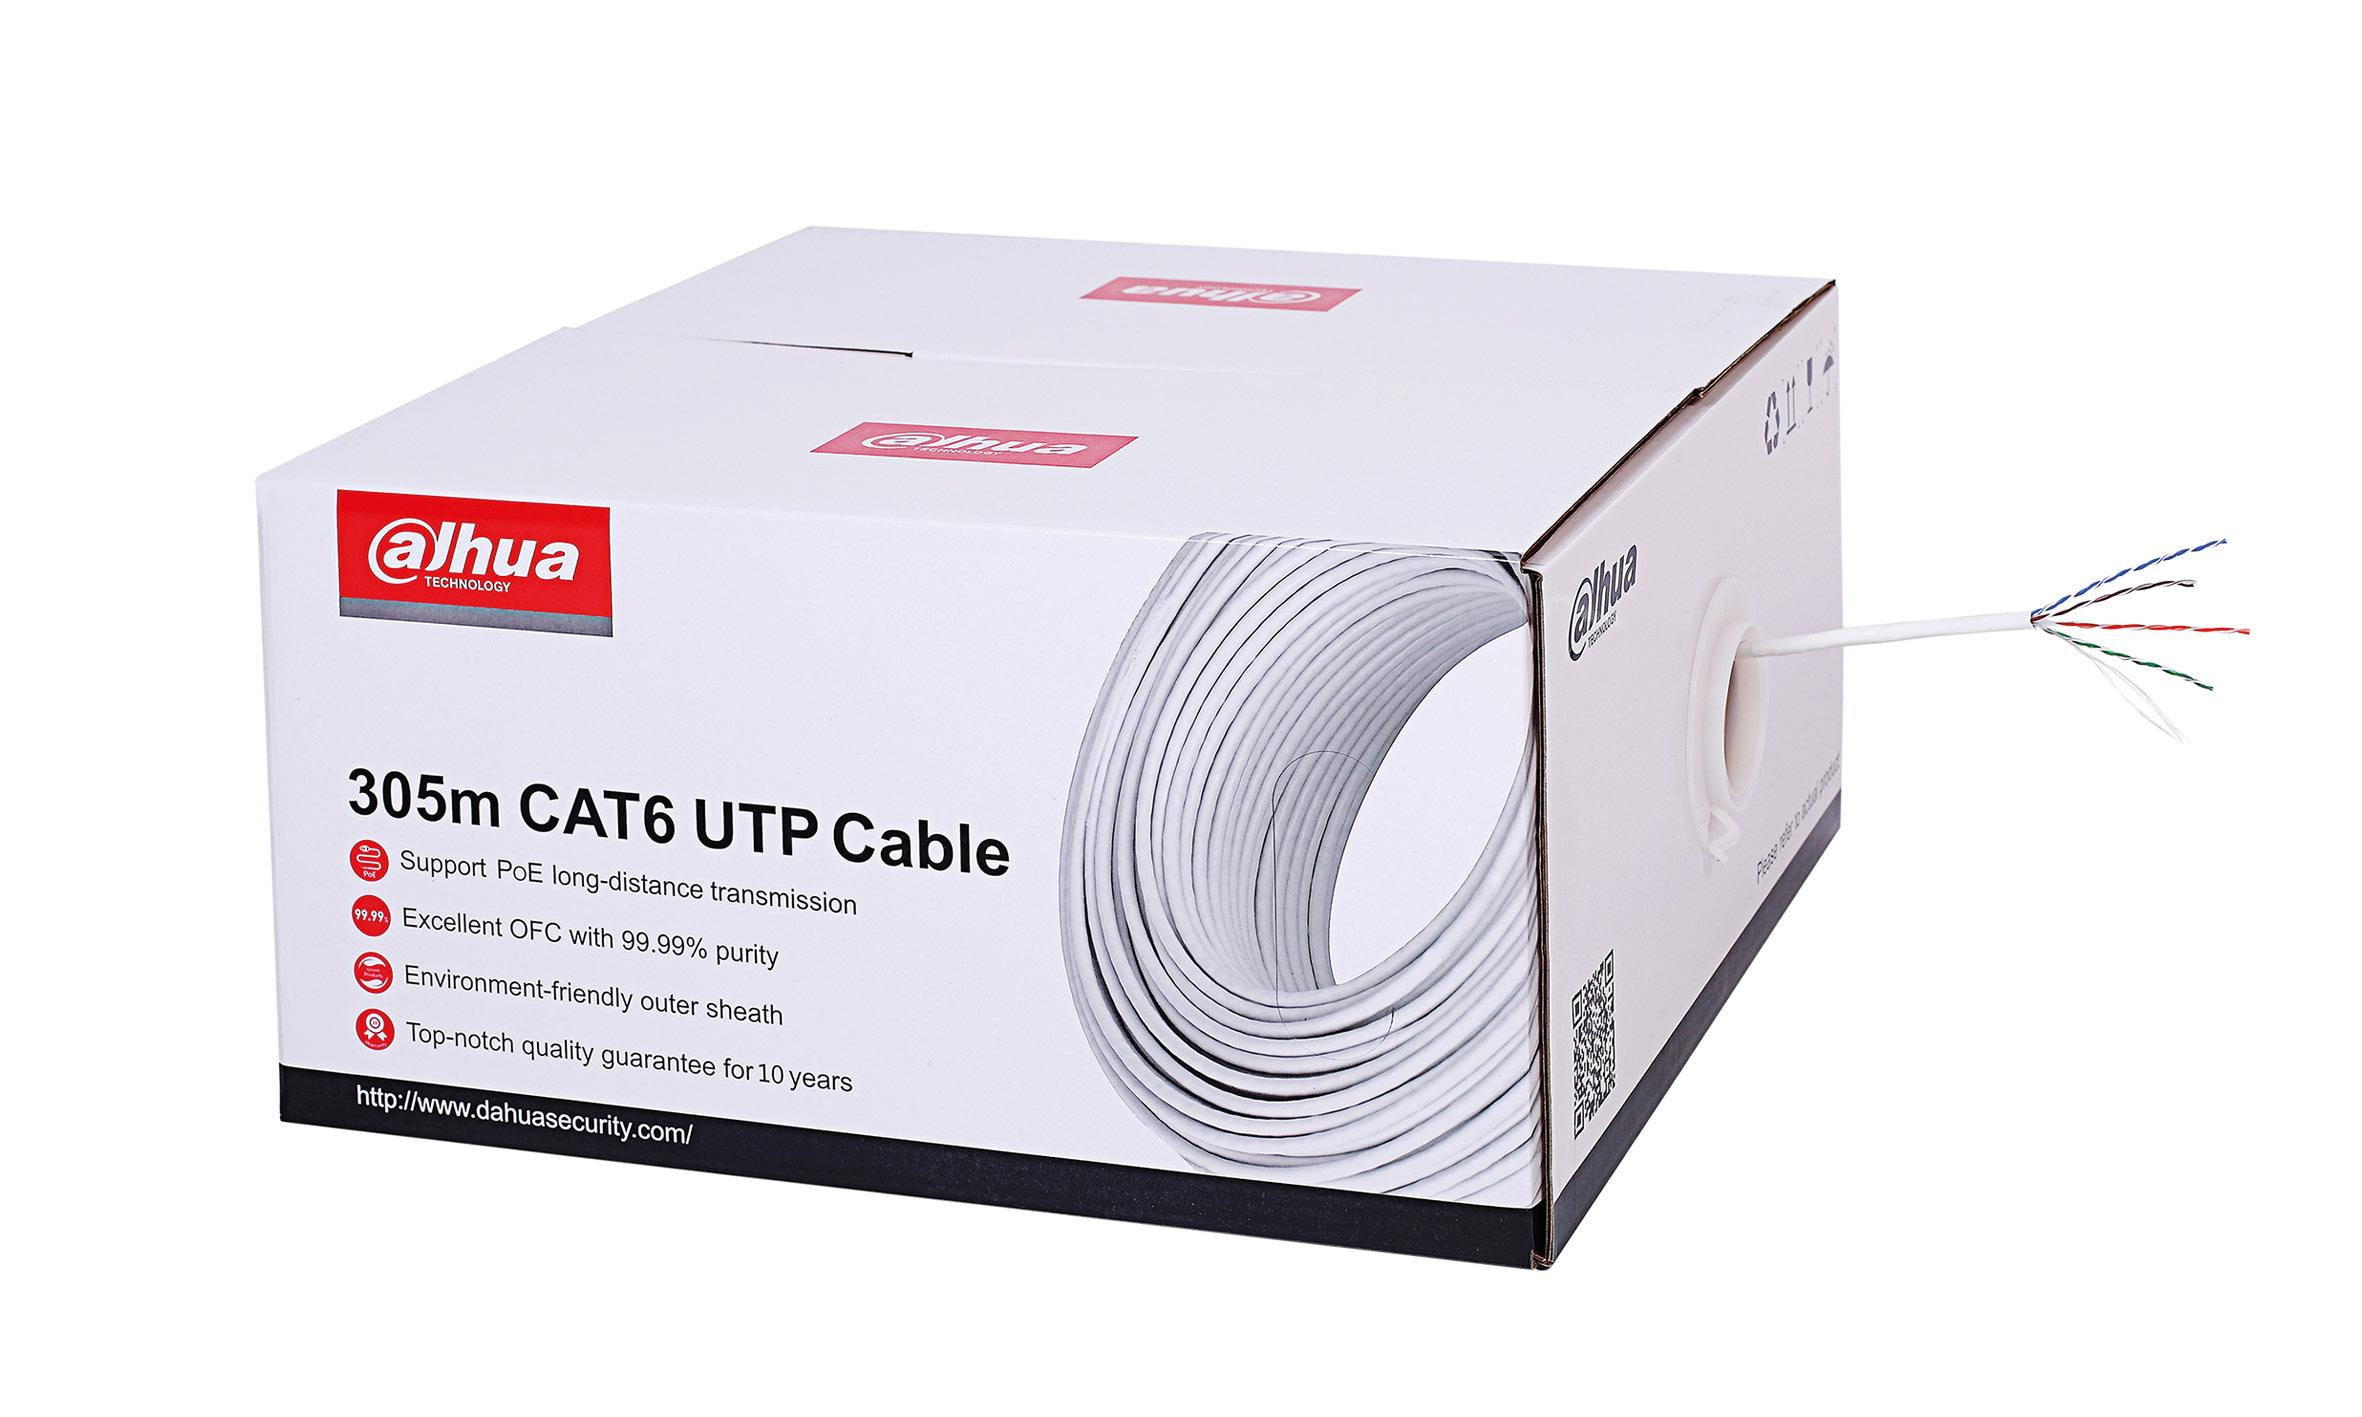 Dahua Cables